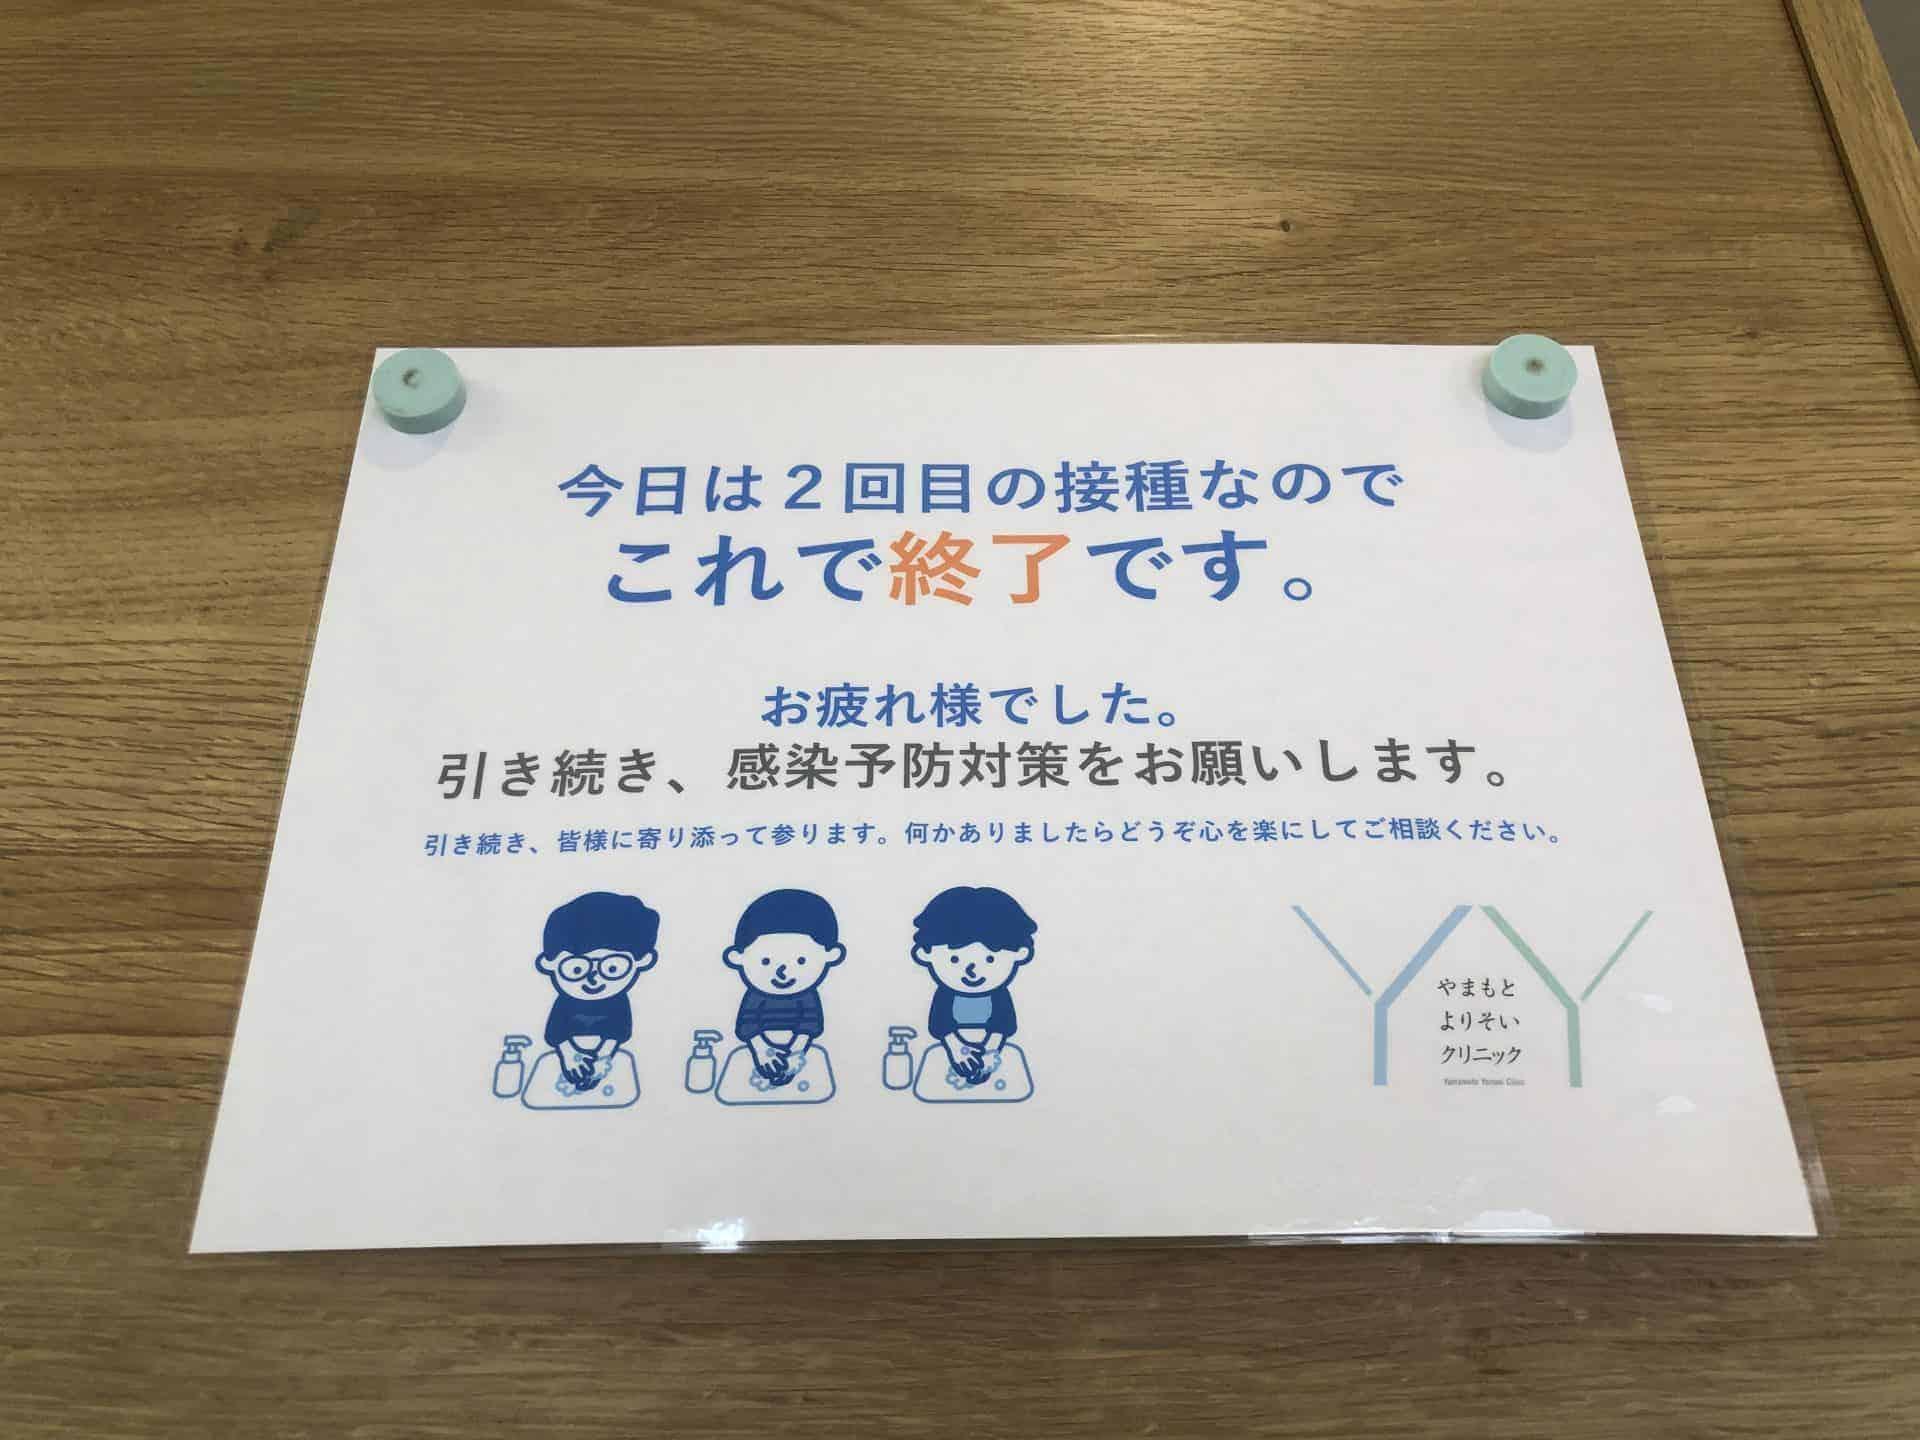 2回目の新型コロナワクチン接種された方へのポスター